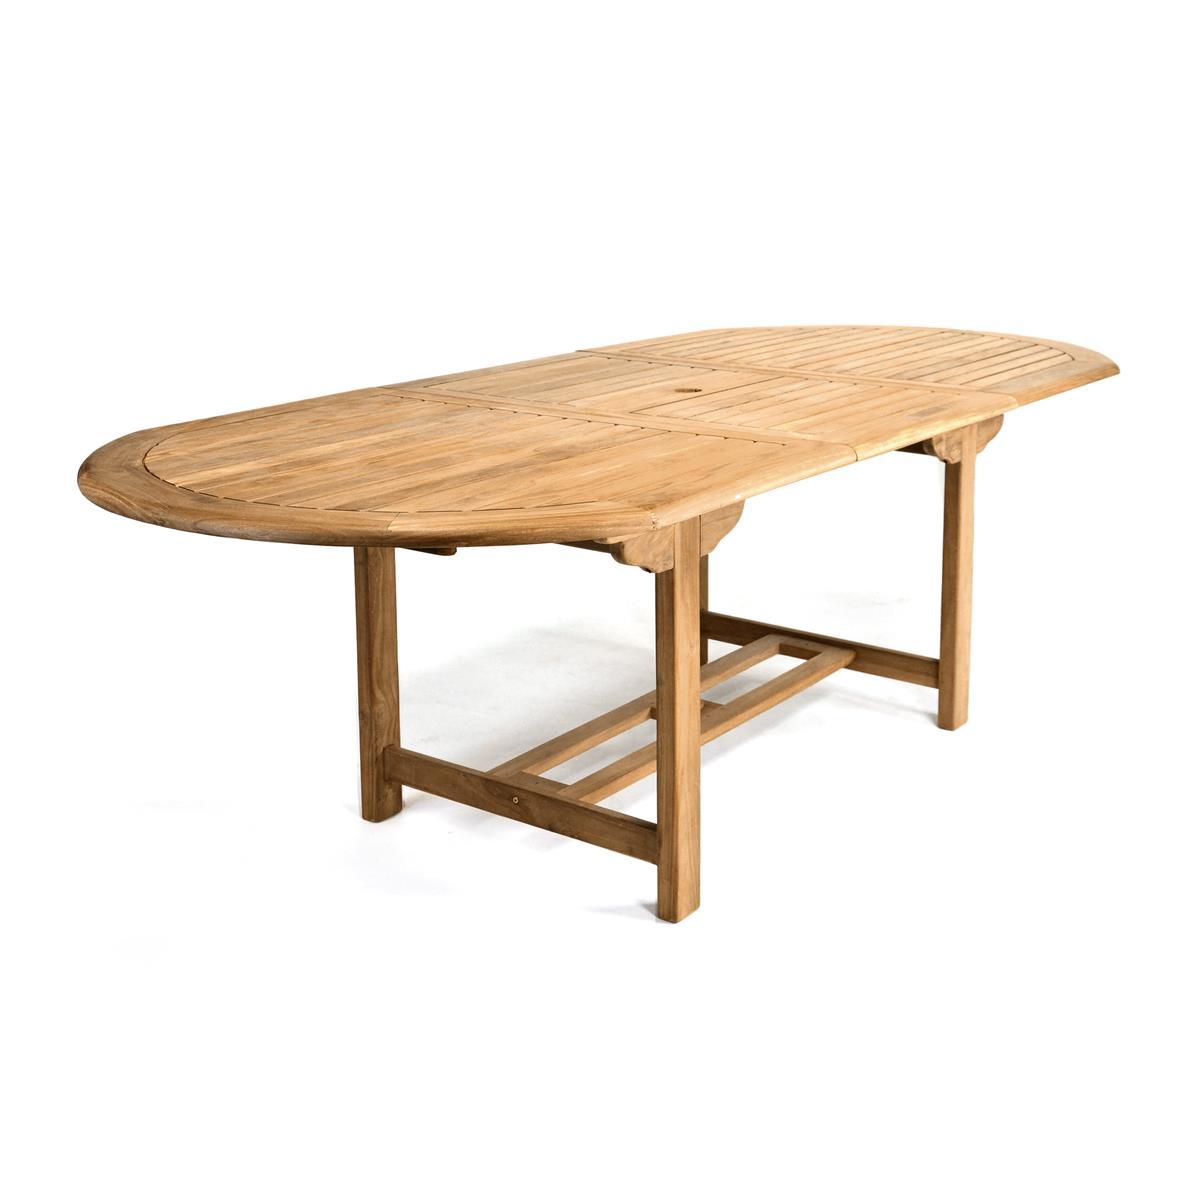 DIVERO Gartentisch Esstisch Tisch ausziehbar 230 cm Teak Holz behandelt